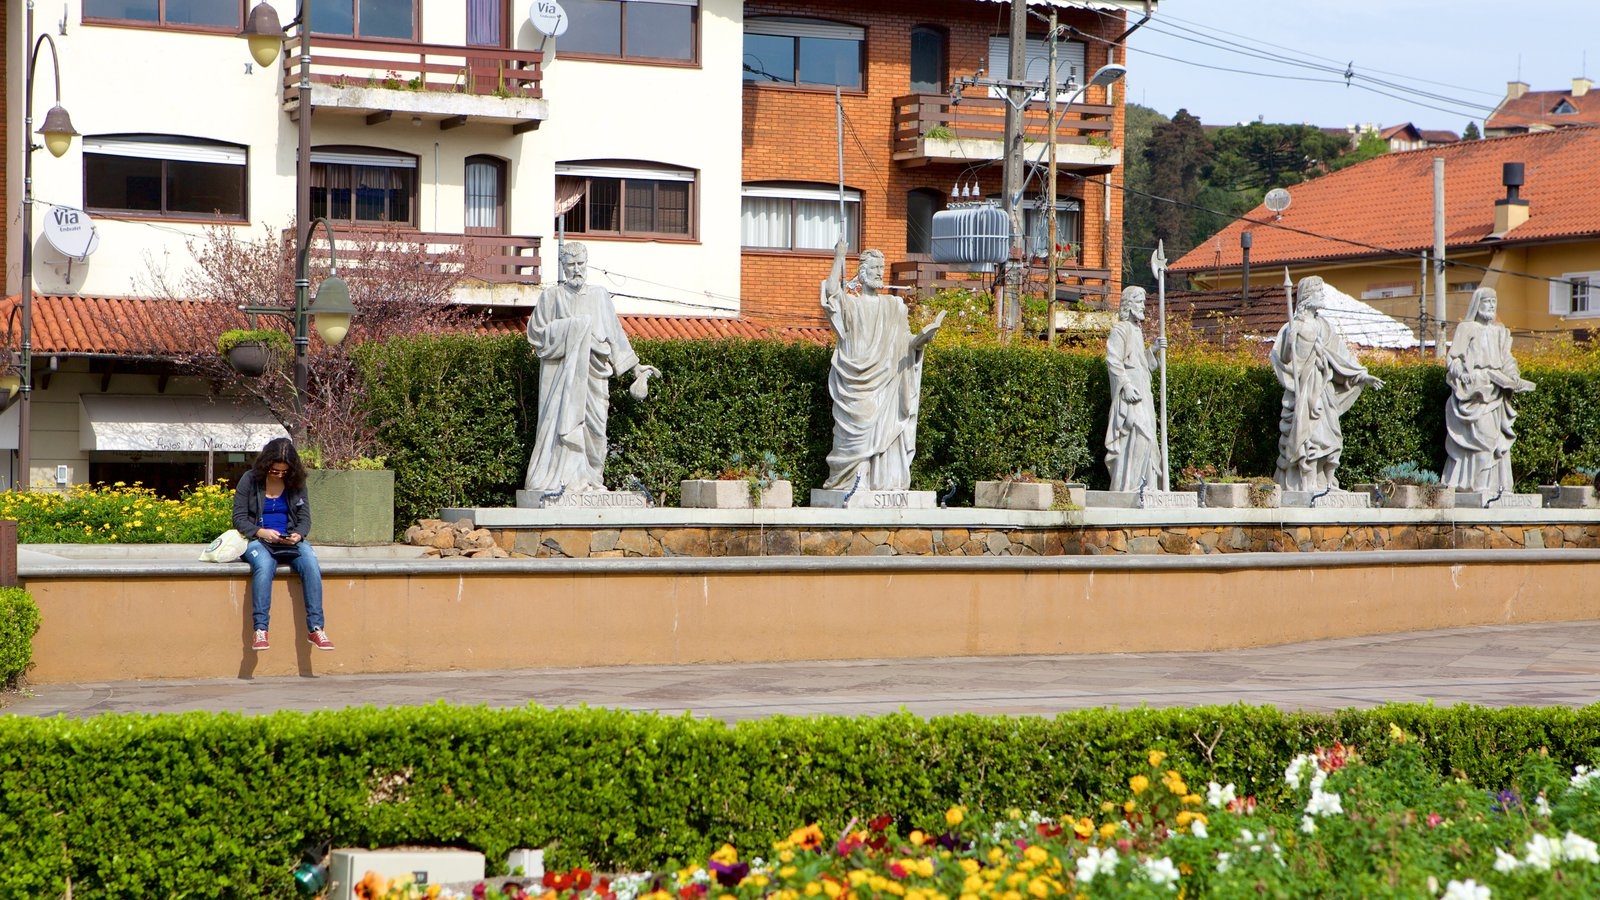 Paróquia de São Pedro Apóstolo mostrando aspectos religiosos e uma estátua ou escultura assim como uma mulher sozinha